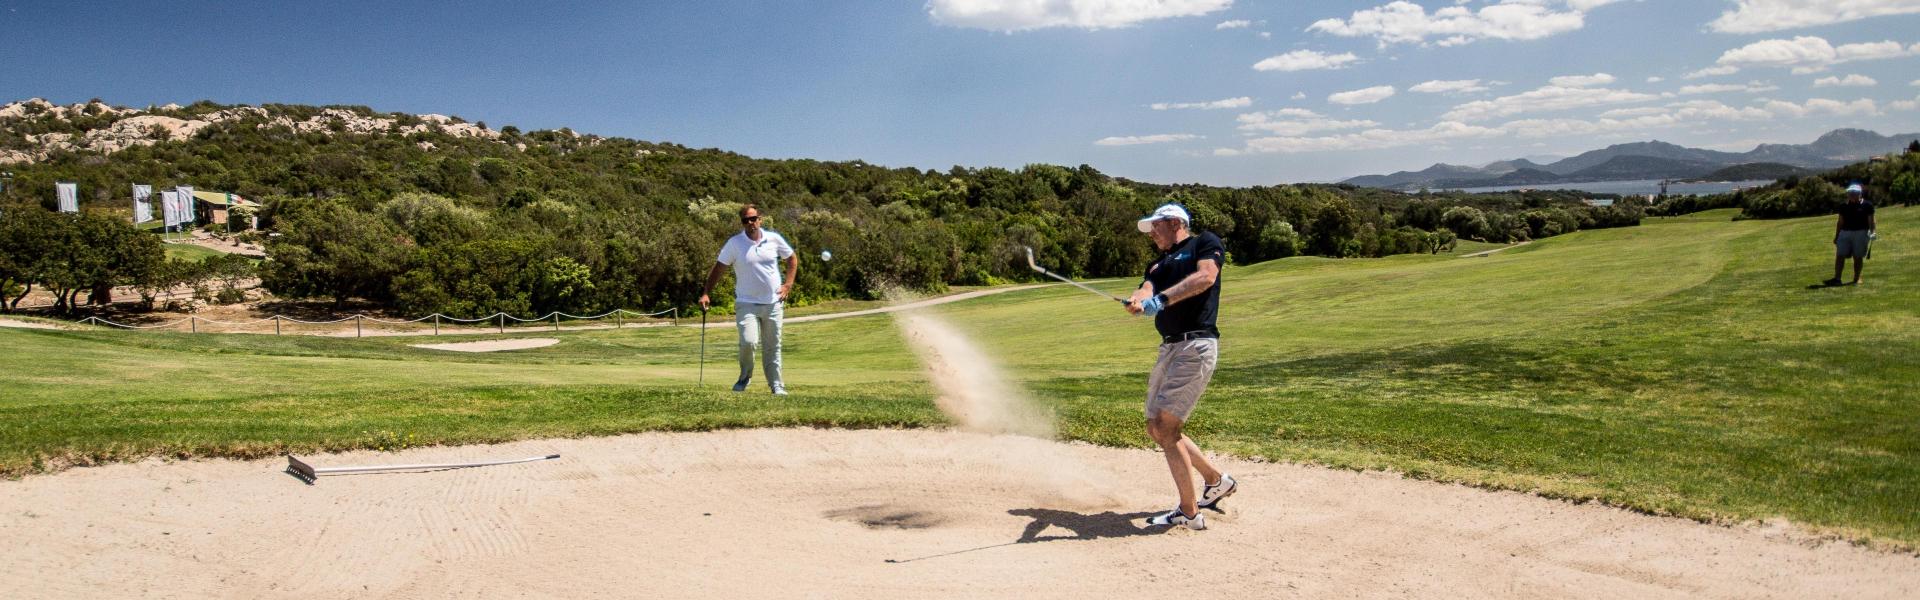 Vela & Golf - Porto Cervo 2018